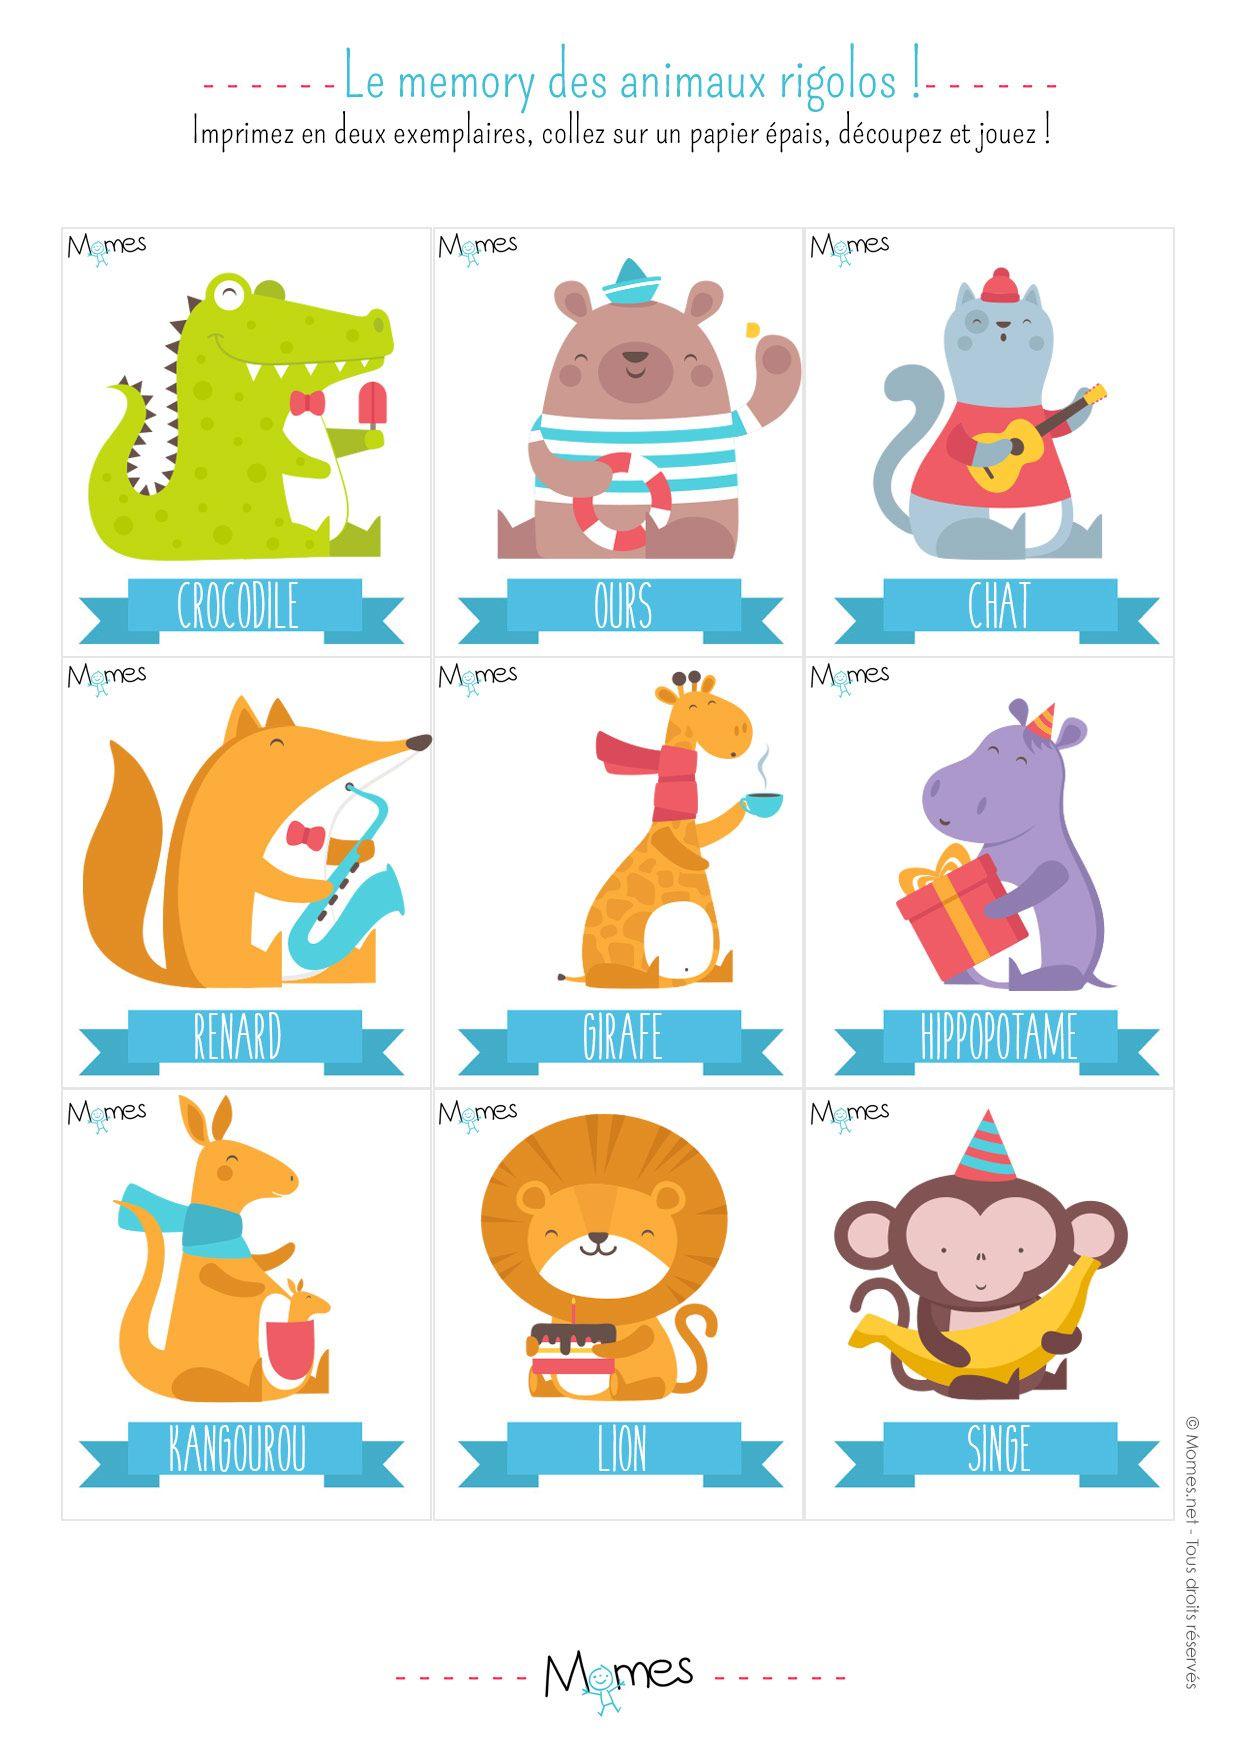 Memory Animaux - Jeu À Imprimer | Jeux A Imprimer, A concernant Jeux D Animaux Gratuit